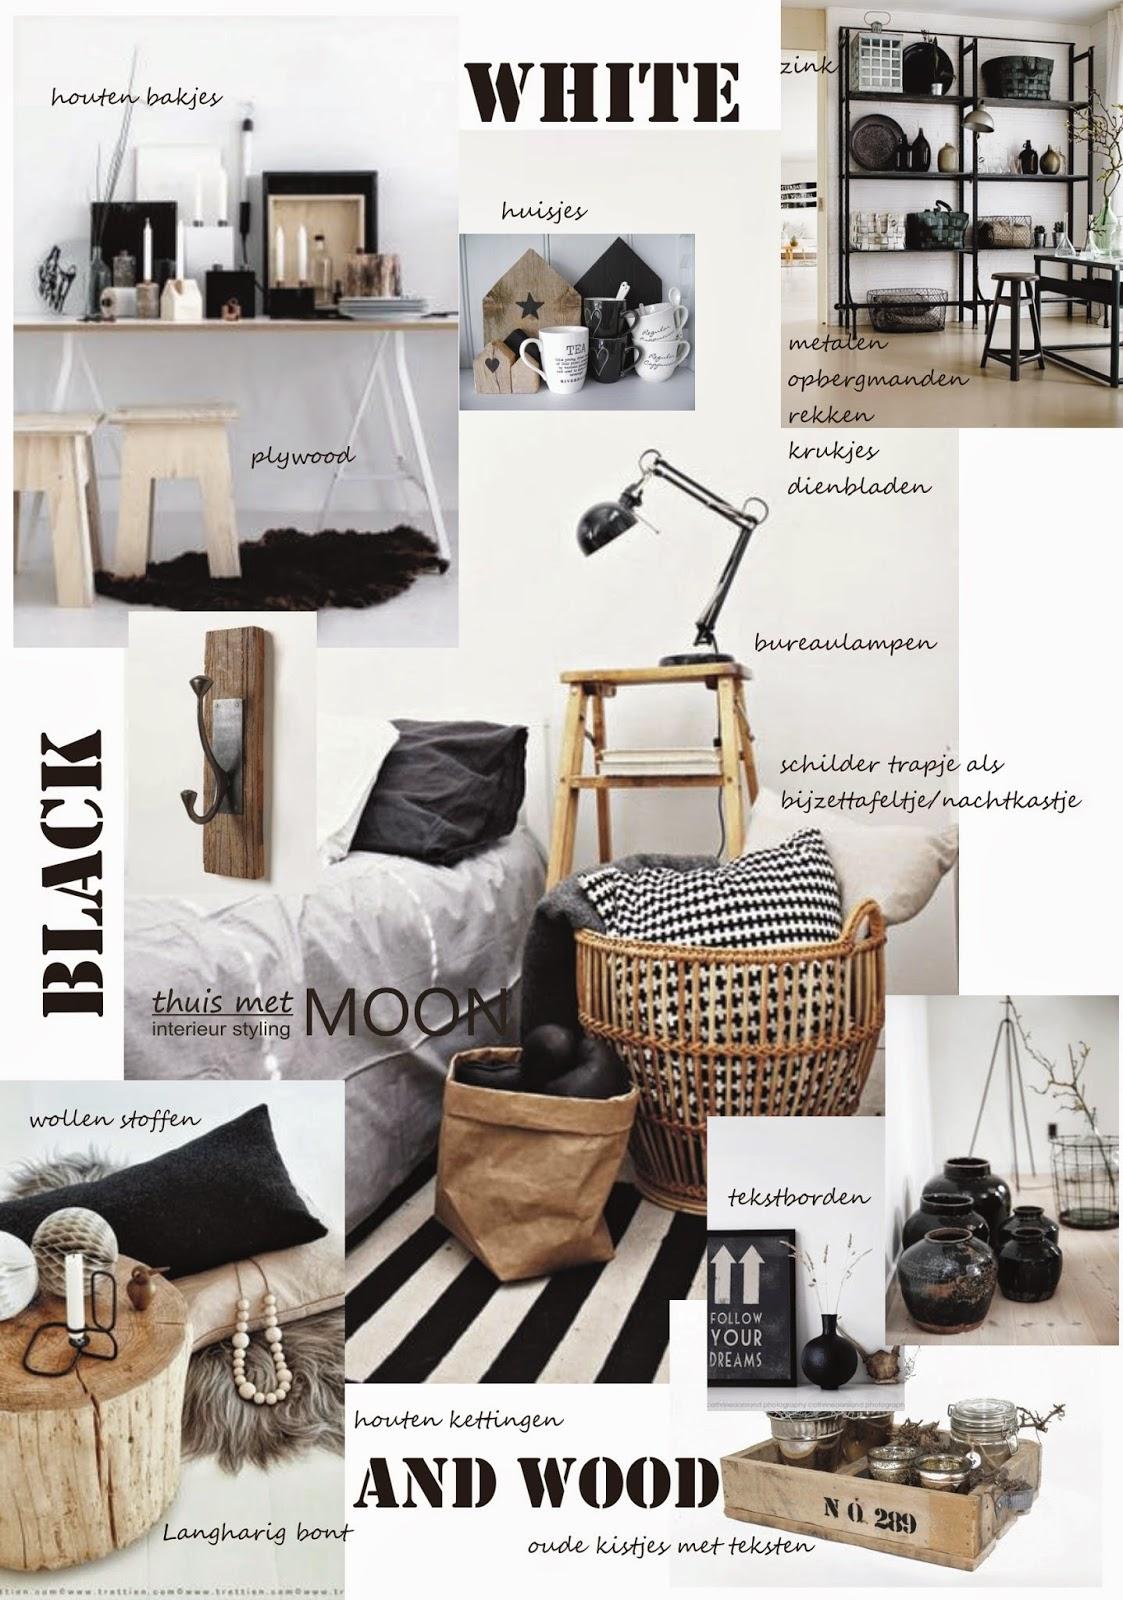 Thuis met moon - Deco salon zwart wit ...